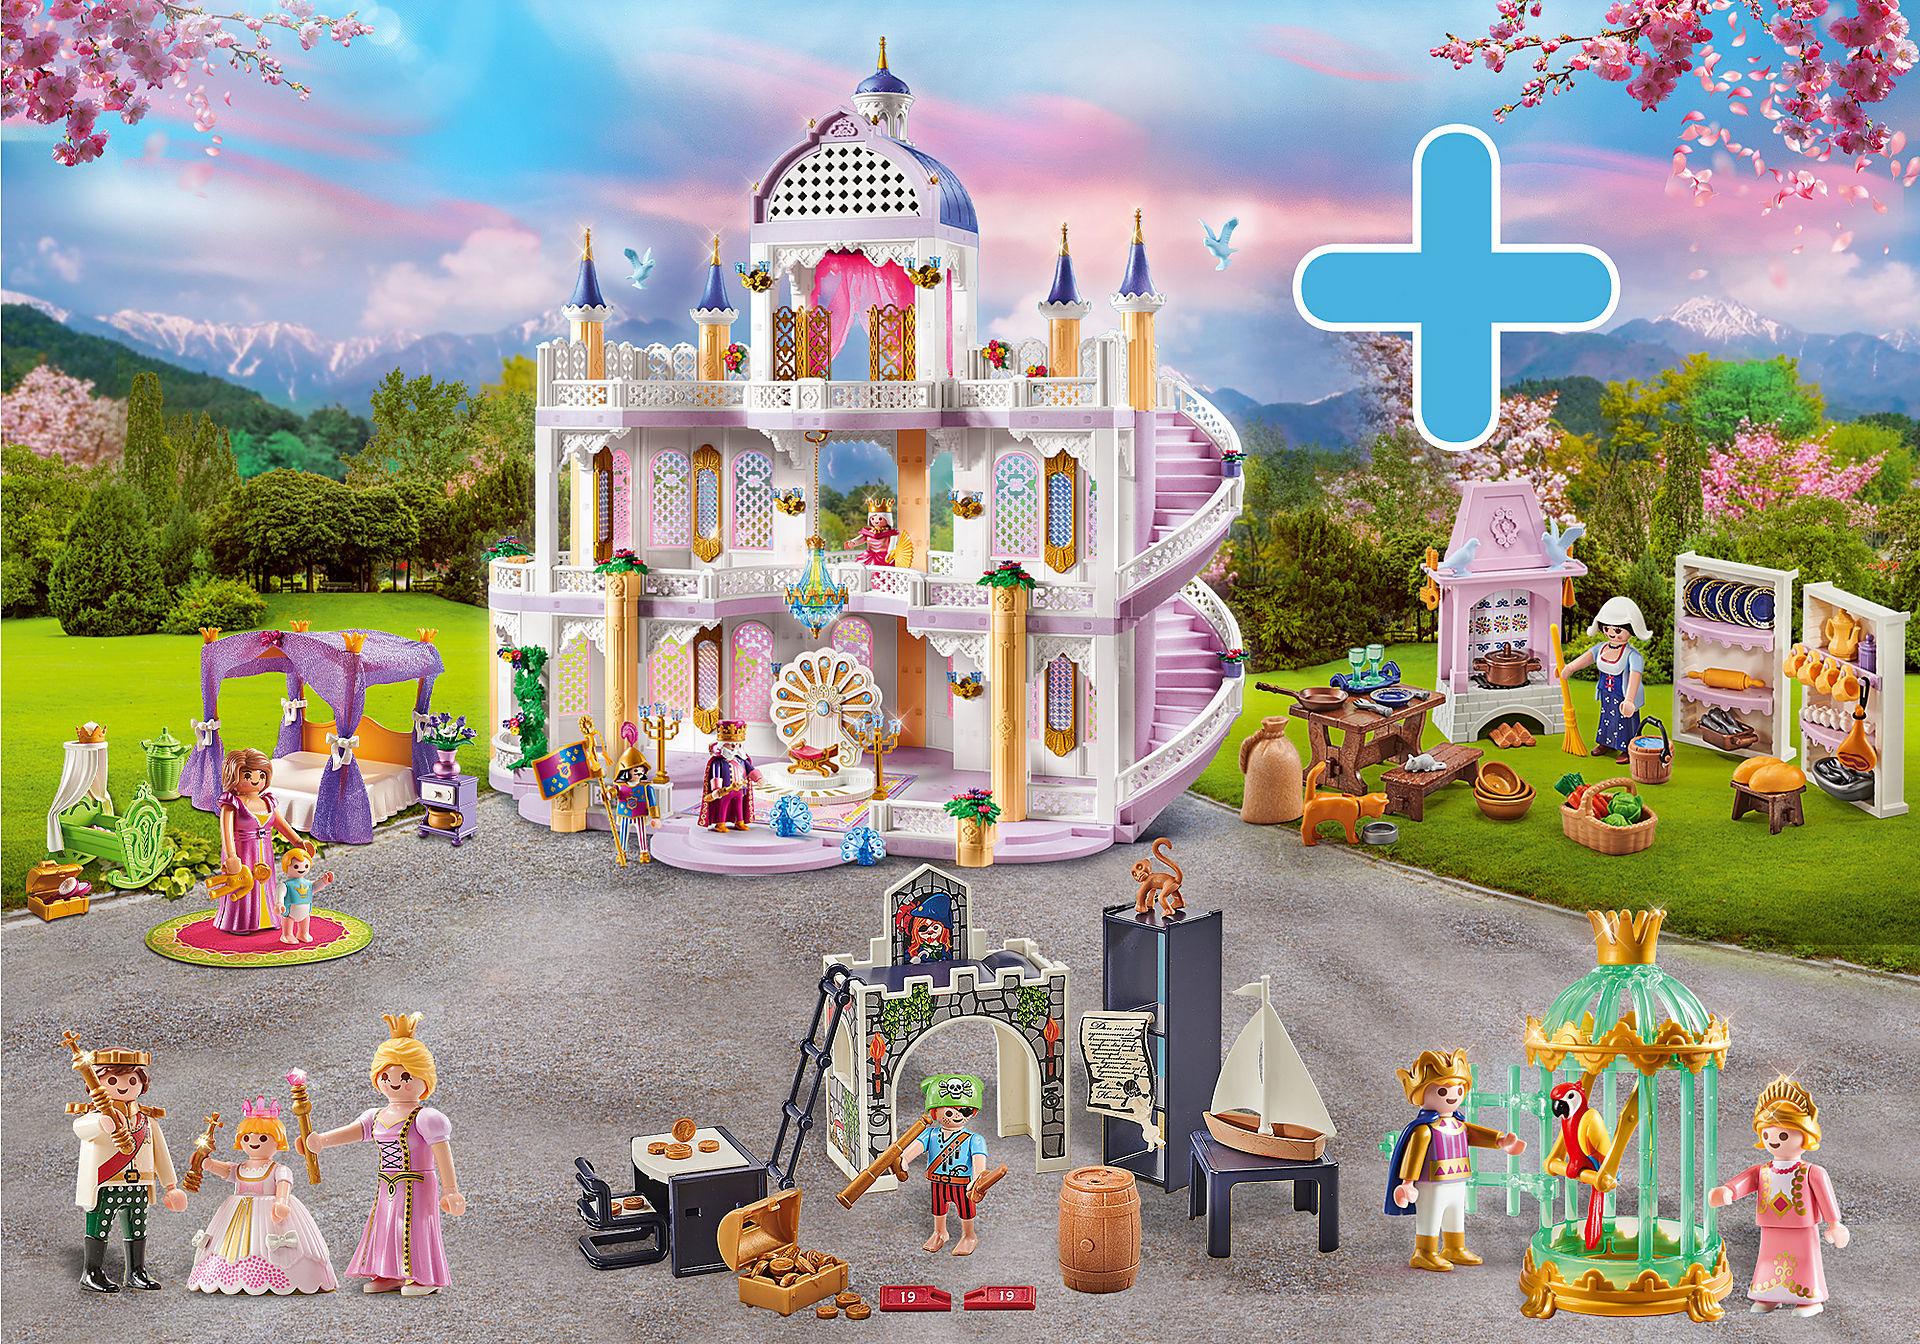 PM2011V Pack Promocional XXL - Castelo dos sonhos zoom image1